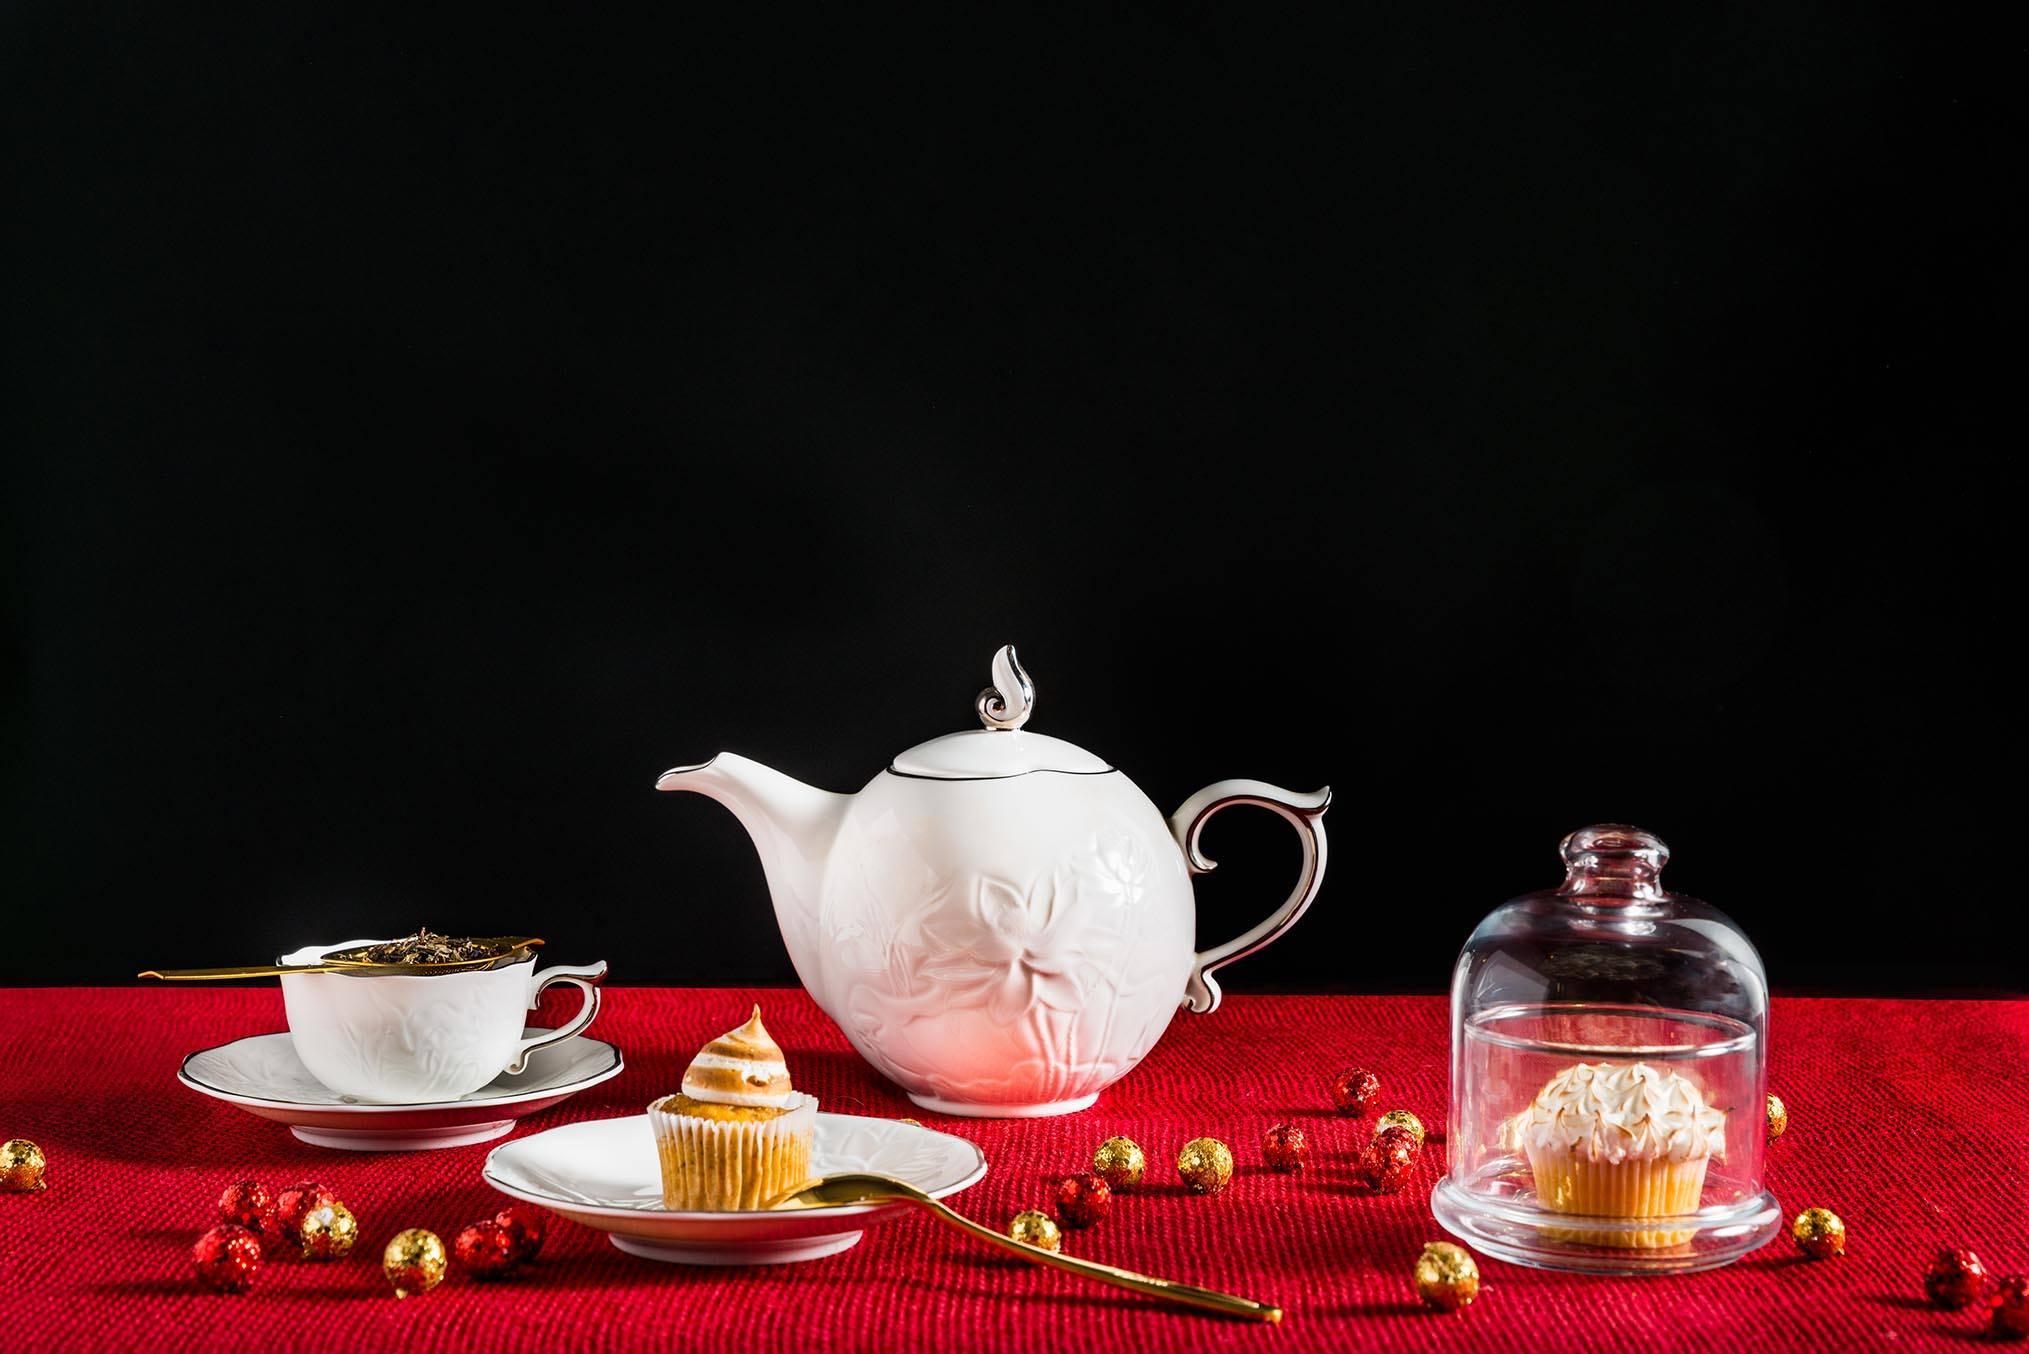 Bộ trà 0.7L SEN IFP Chỉ Bạch Kim 68701404303 Minh Long